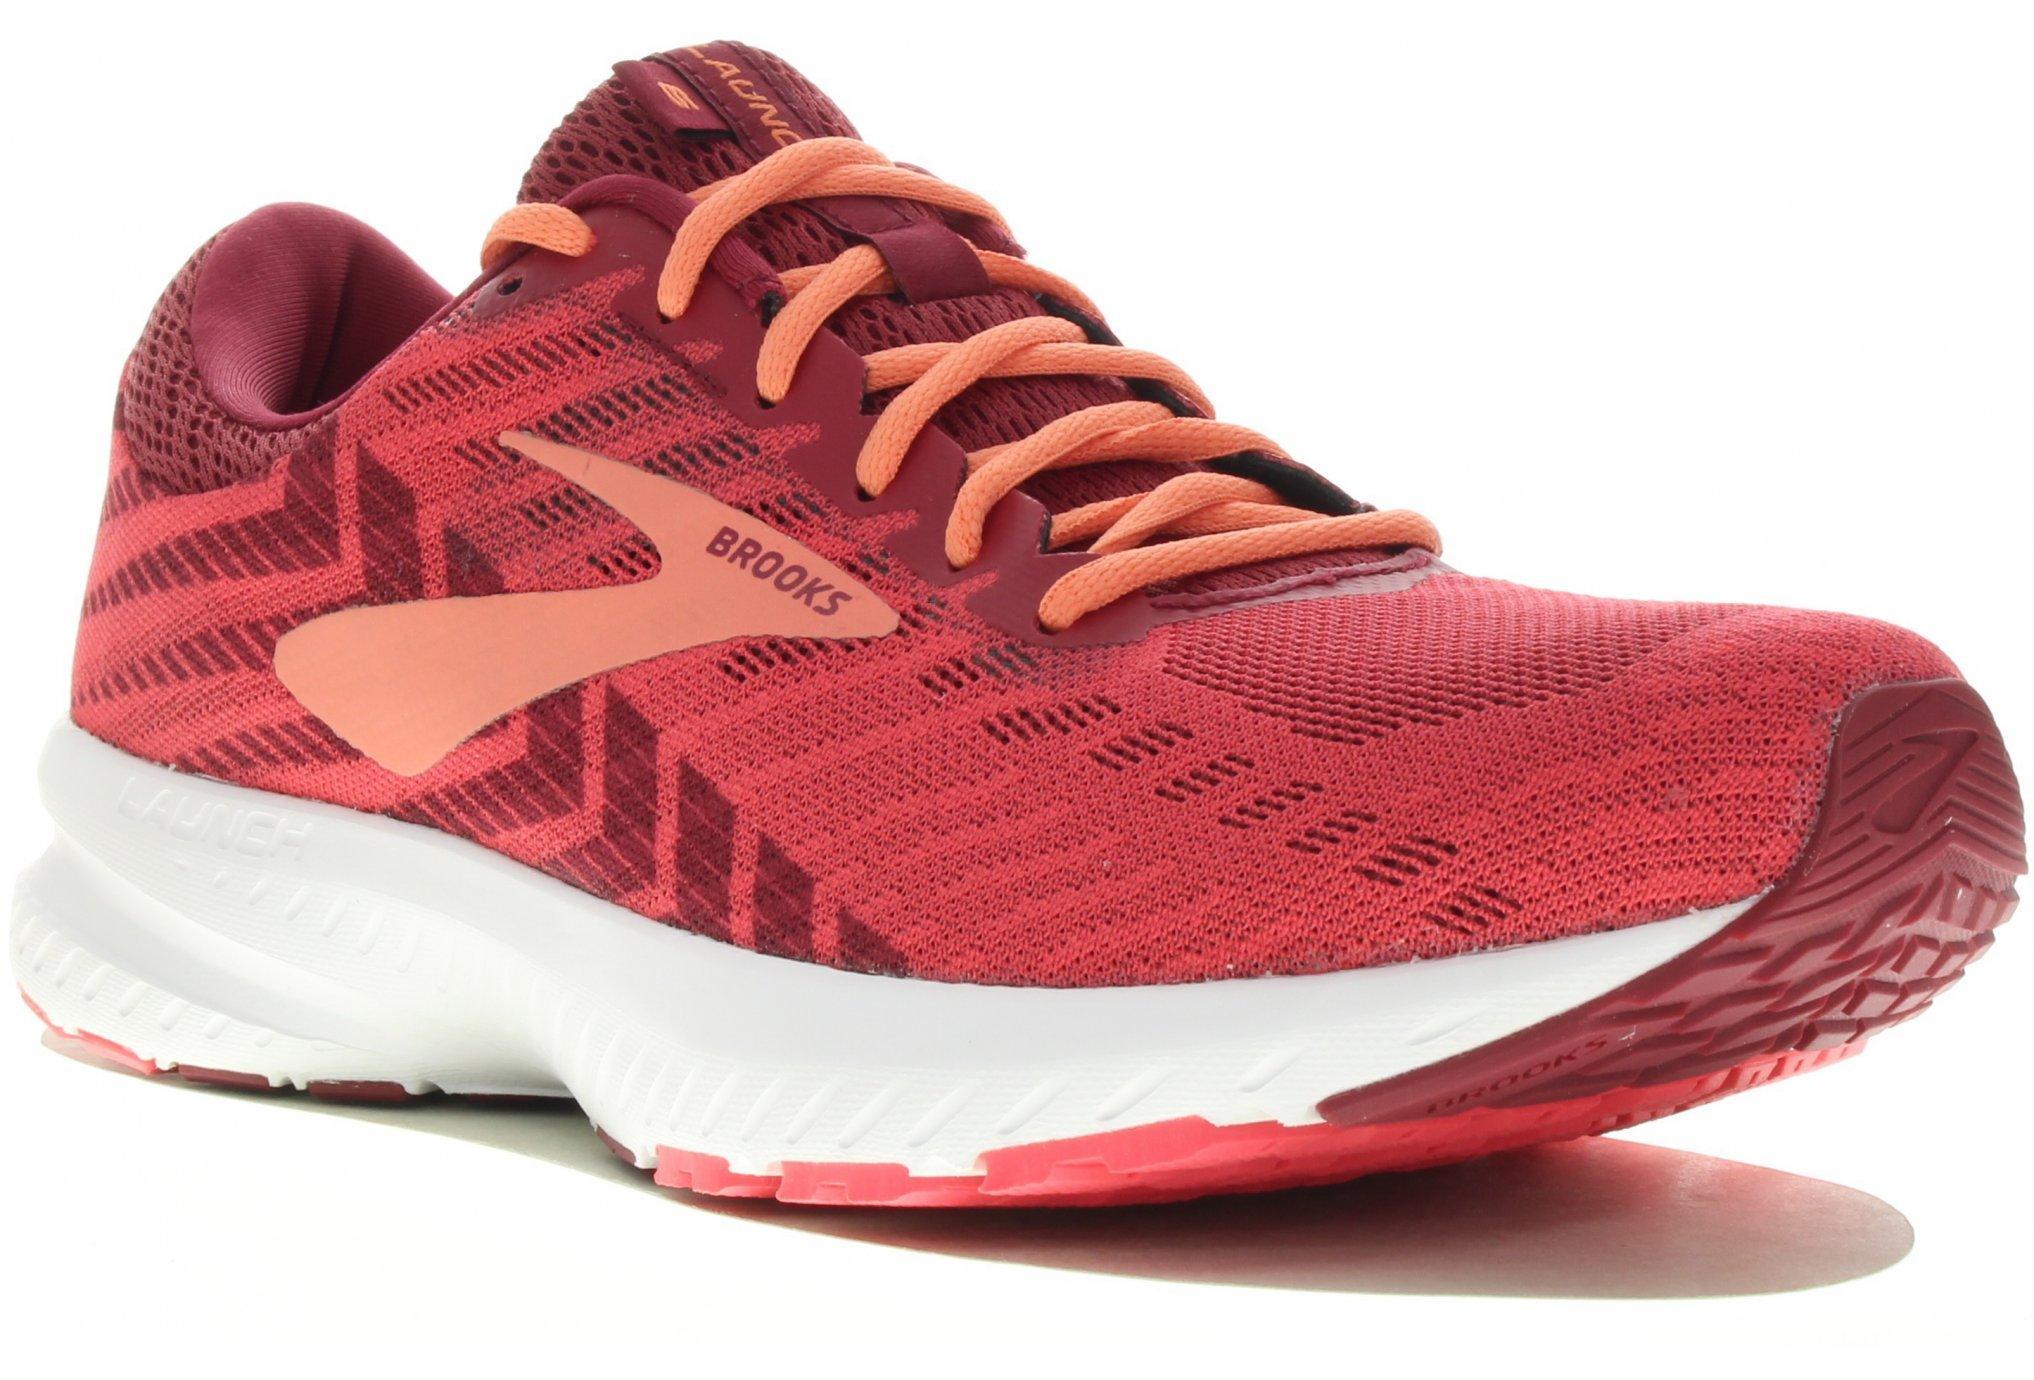 Brooks Launch 6 Chaussures running femme